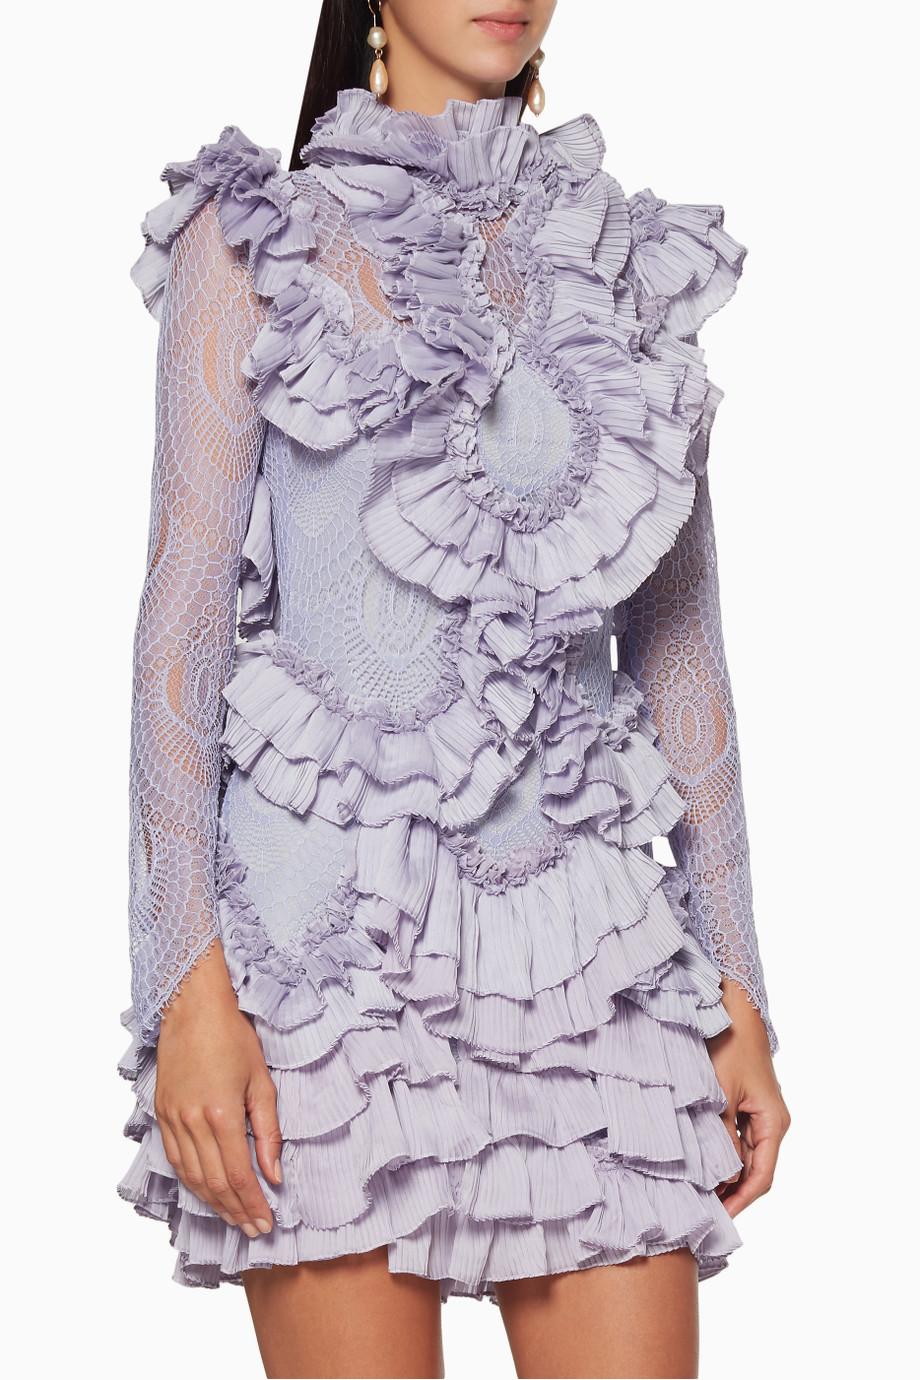 تصميم مميز لفستان كشكش قصير باللون الارجواني الفاتح